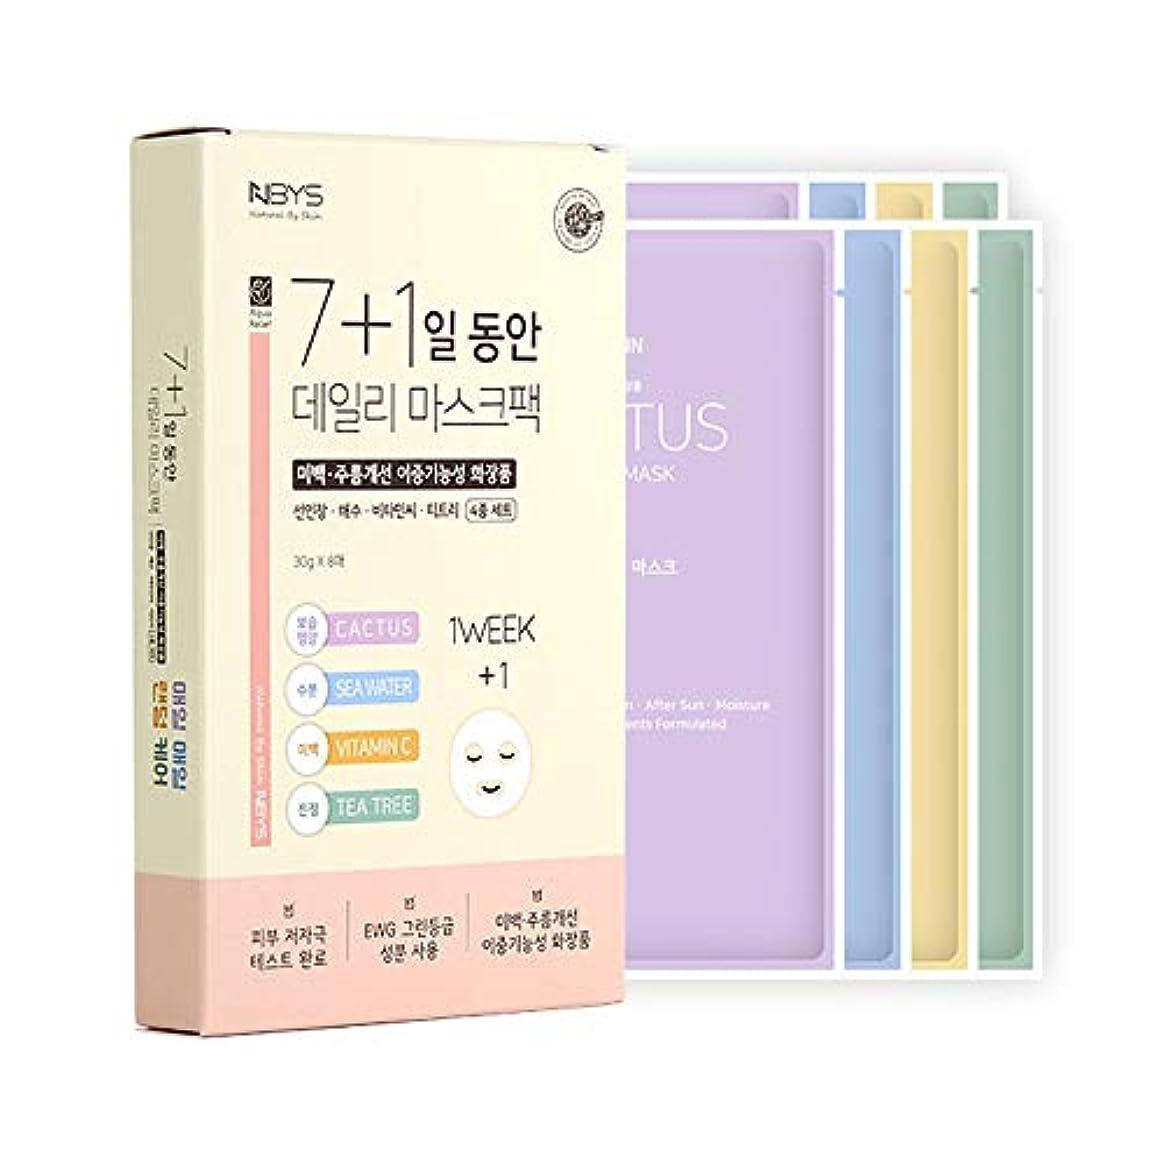 ポーター敵整理する[NBYS] 7+1 NBYS RE Your Skin Mask フェイスパック 8枚セット [並行輸入品]